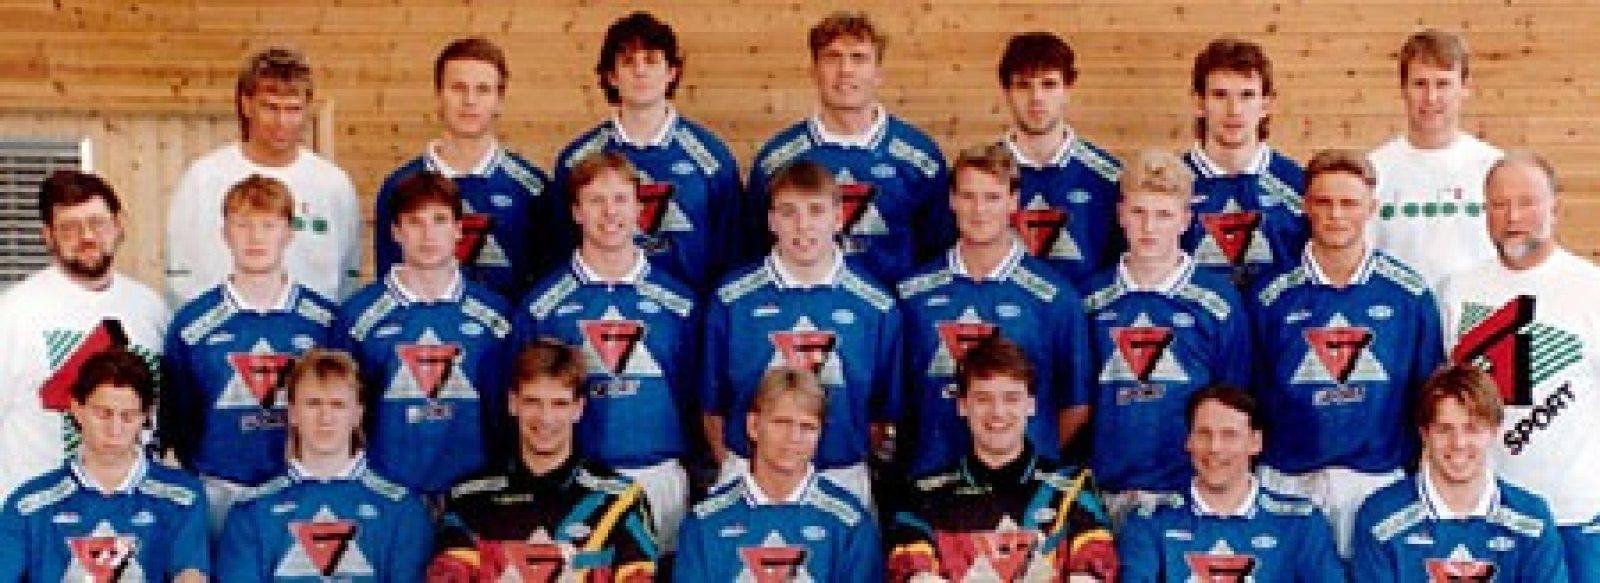 1994 Lagbilde